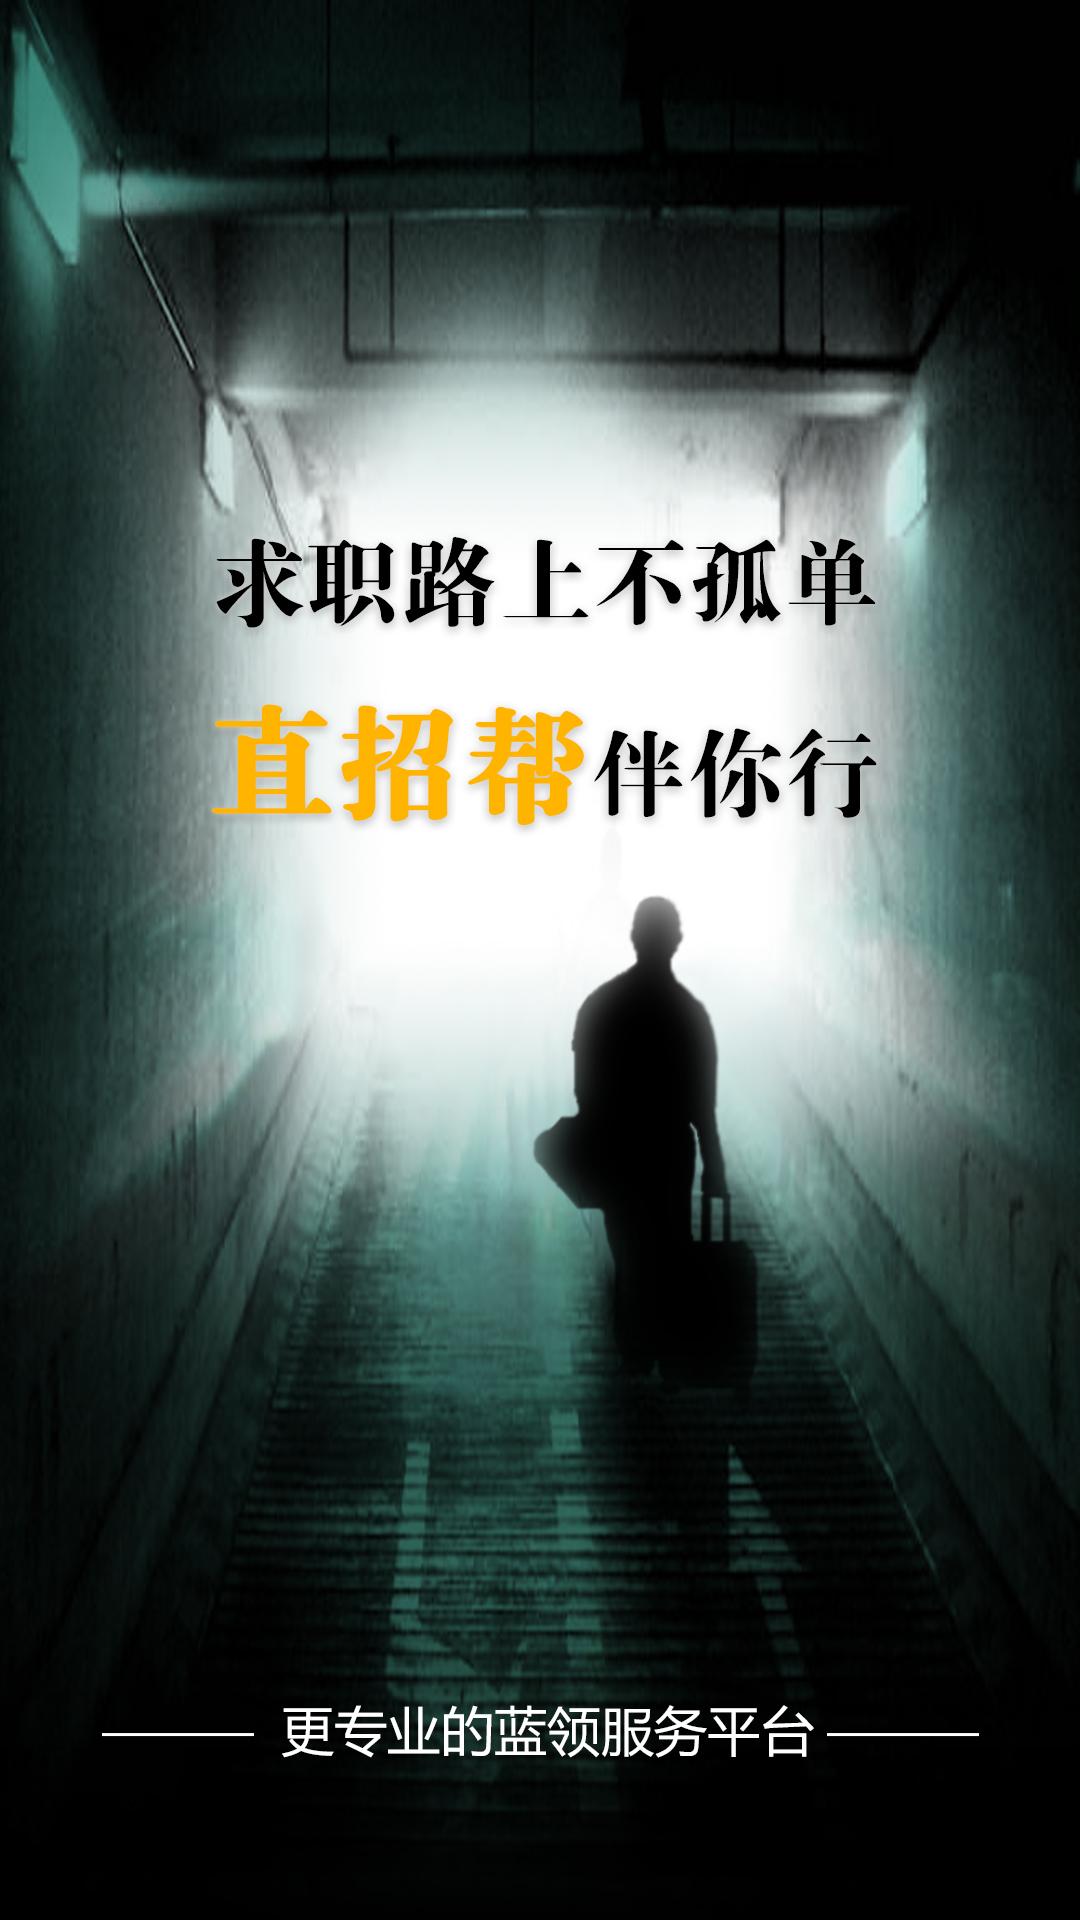 绿色主题,一个人孤独的背影带着行李箱,前方有一束光,寓意走向光明.图片